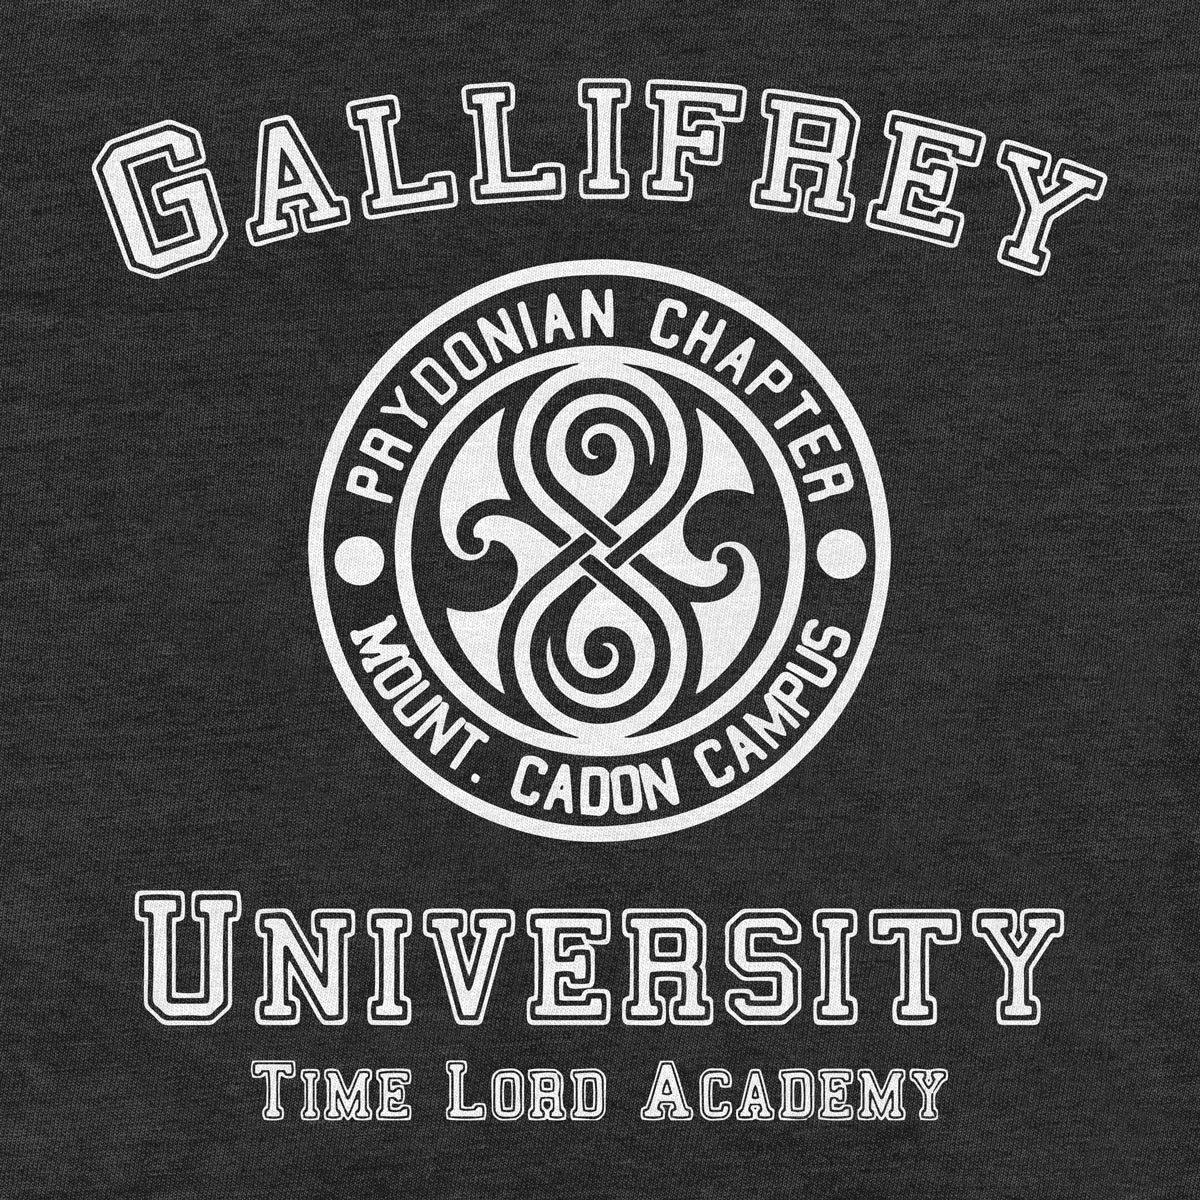 Gallifrey University Langarm T-Shirt - Doctor Time Academy Who: Amazon.de:  Bekleidung